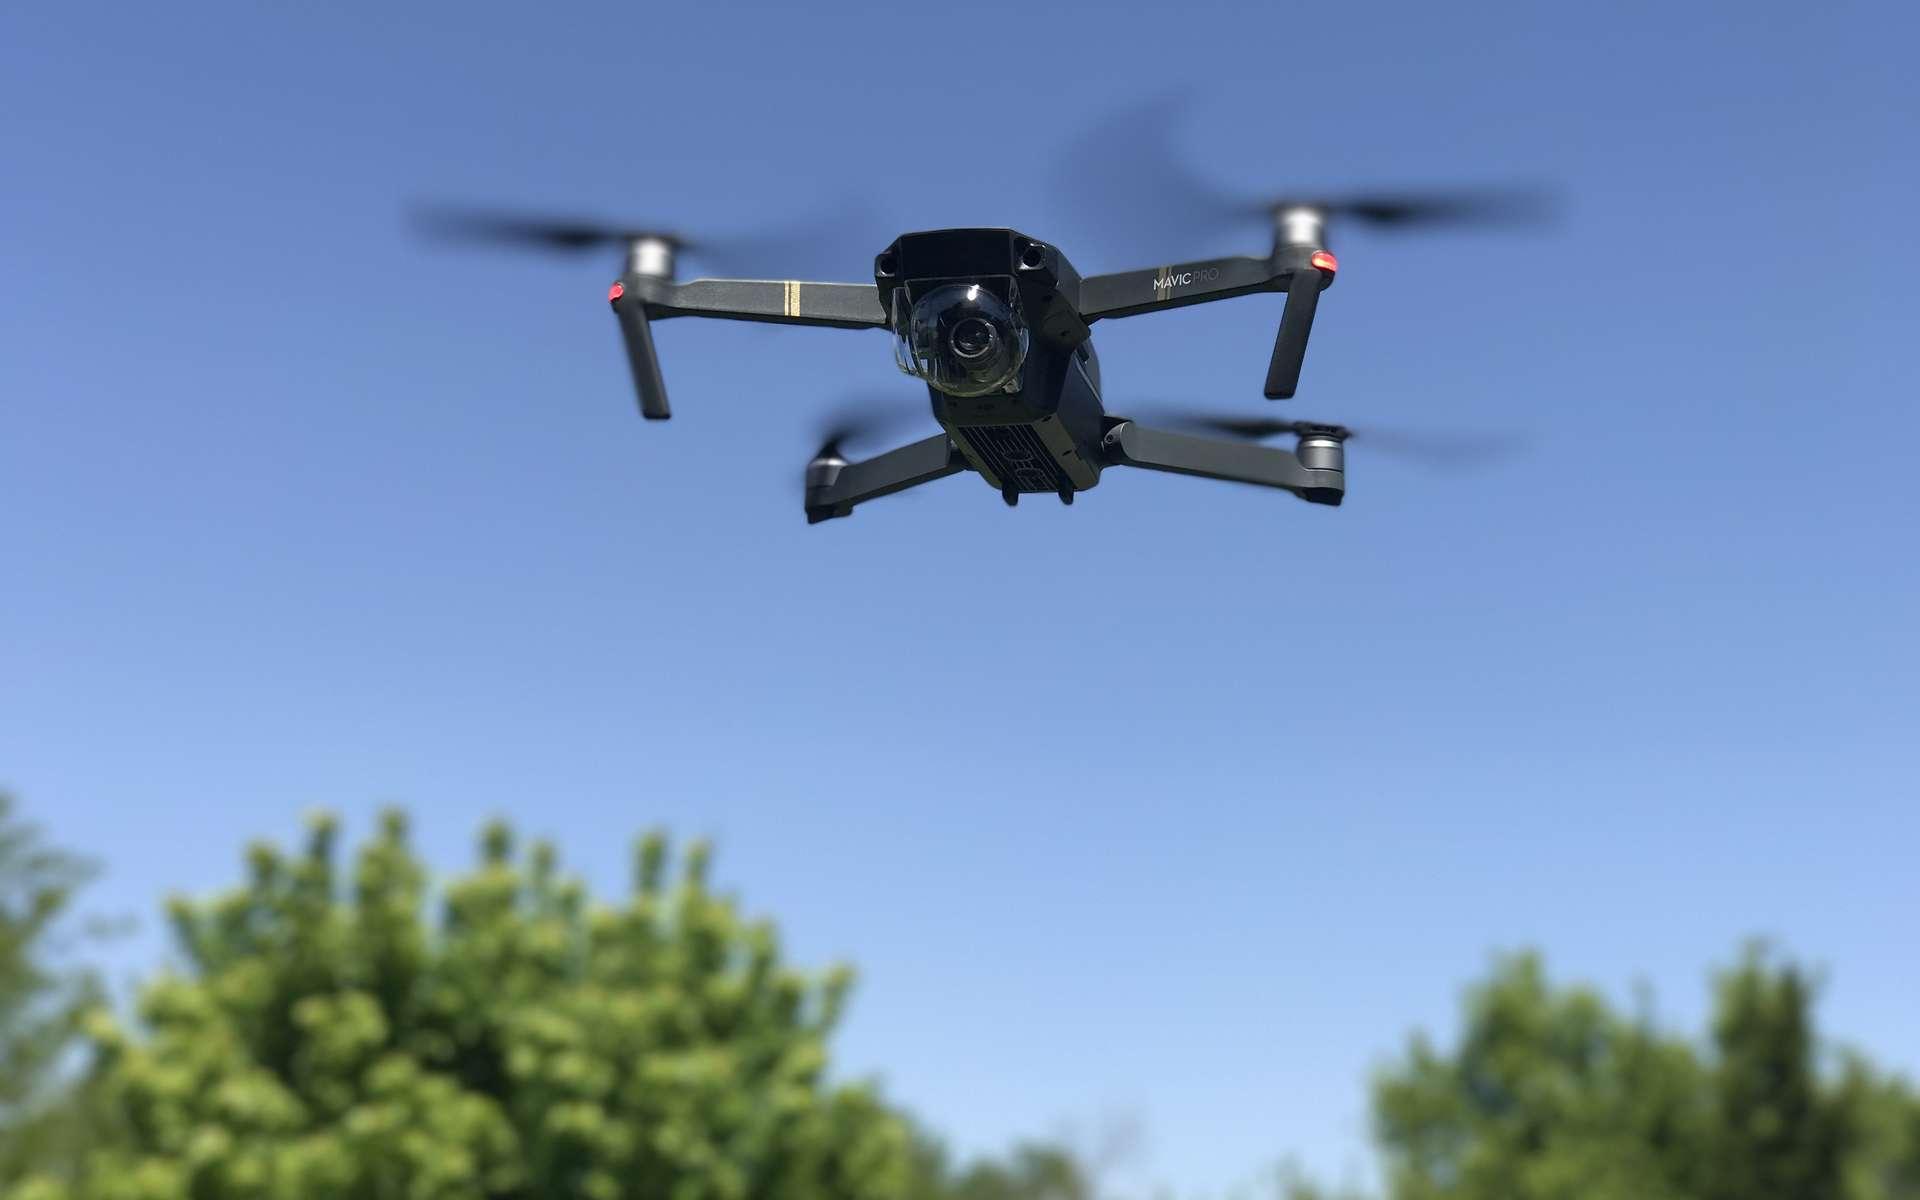 Seuls les drones de plus de 800 grammes sont concernés par les nouvelles obligations de déclaration auprès des autorités de l'aviation civile. Les pilotes amateurs doivent également suivre une formation en ligne. © DJI